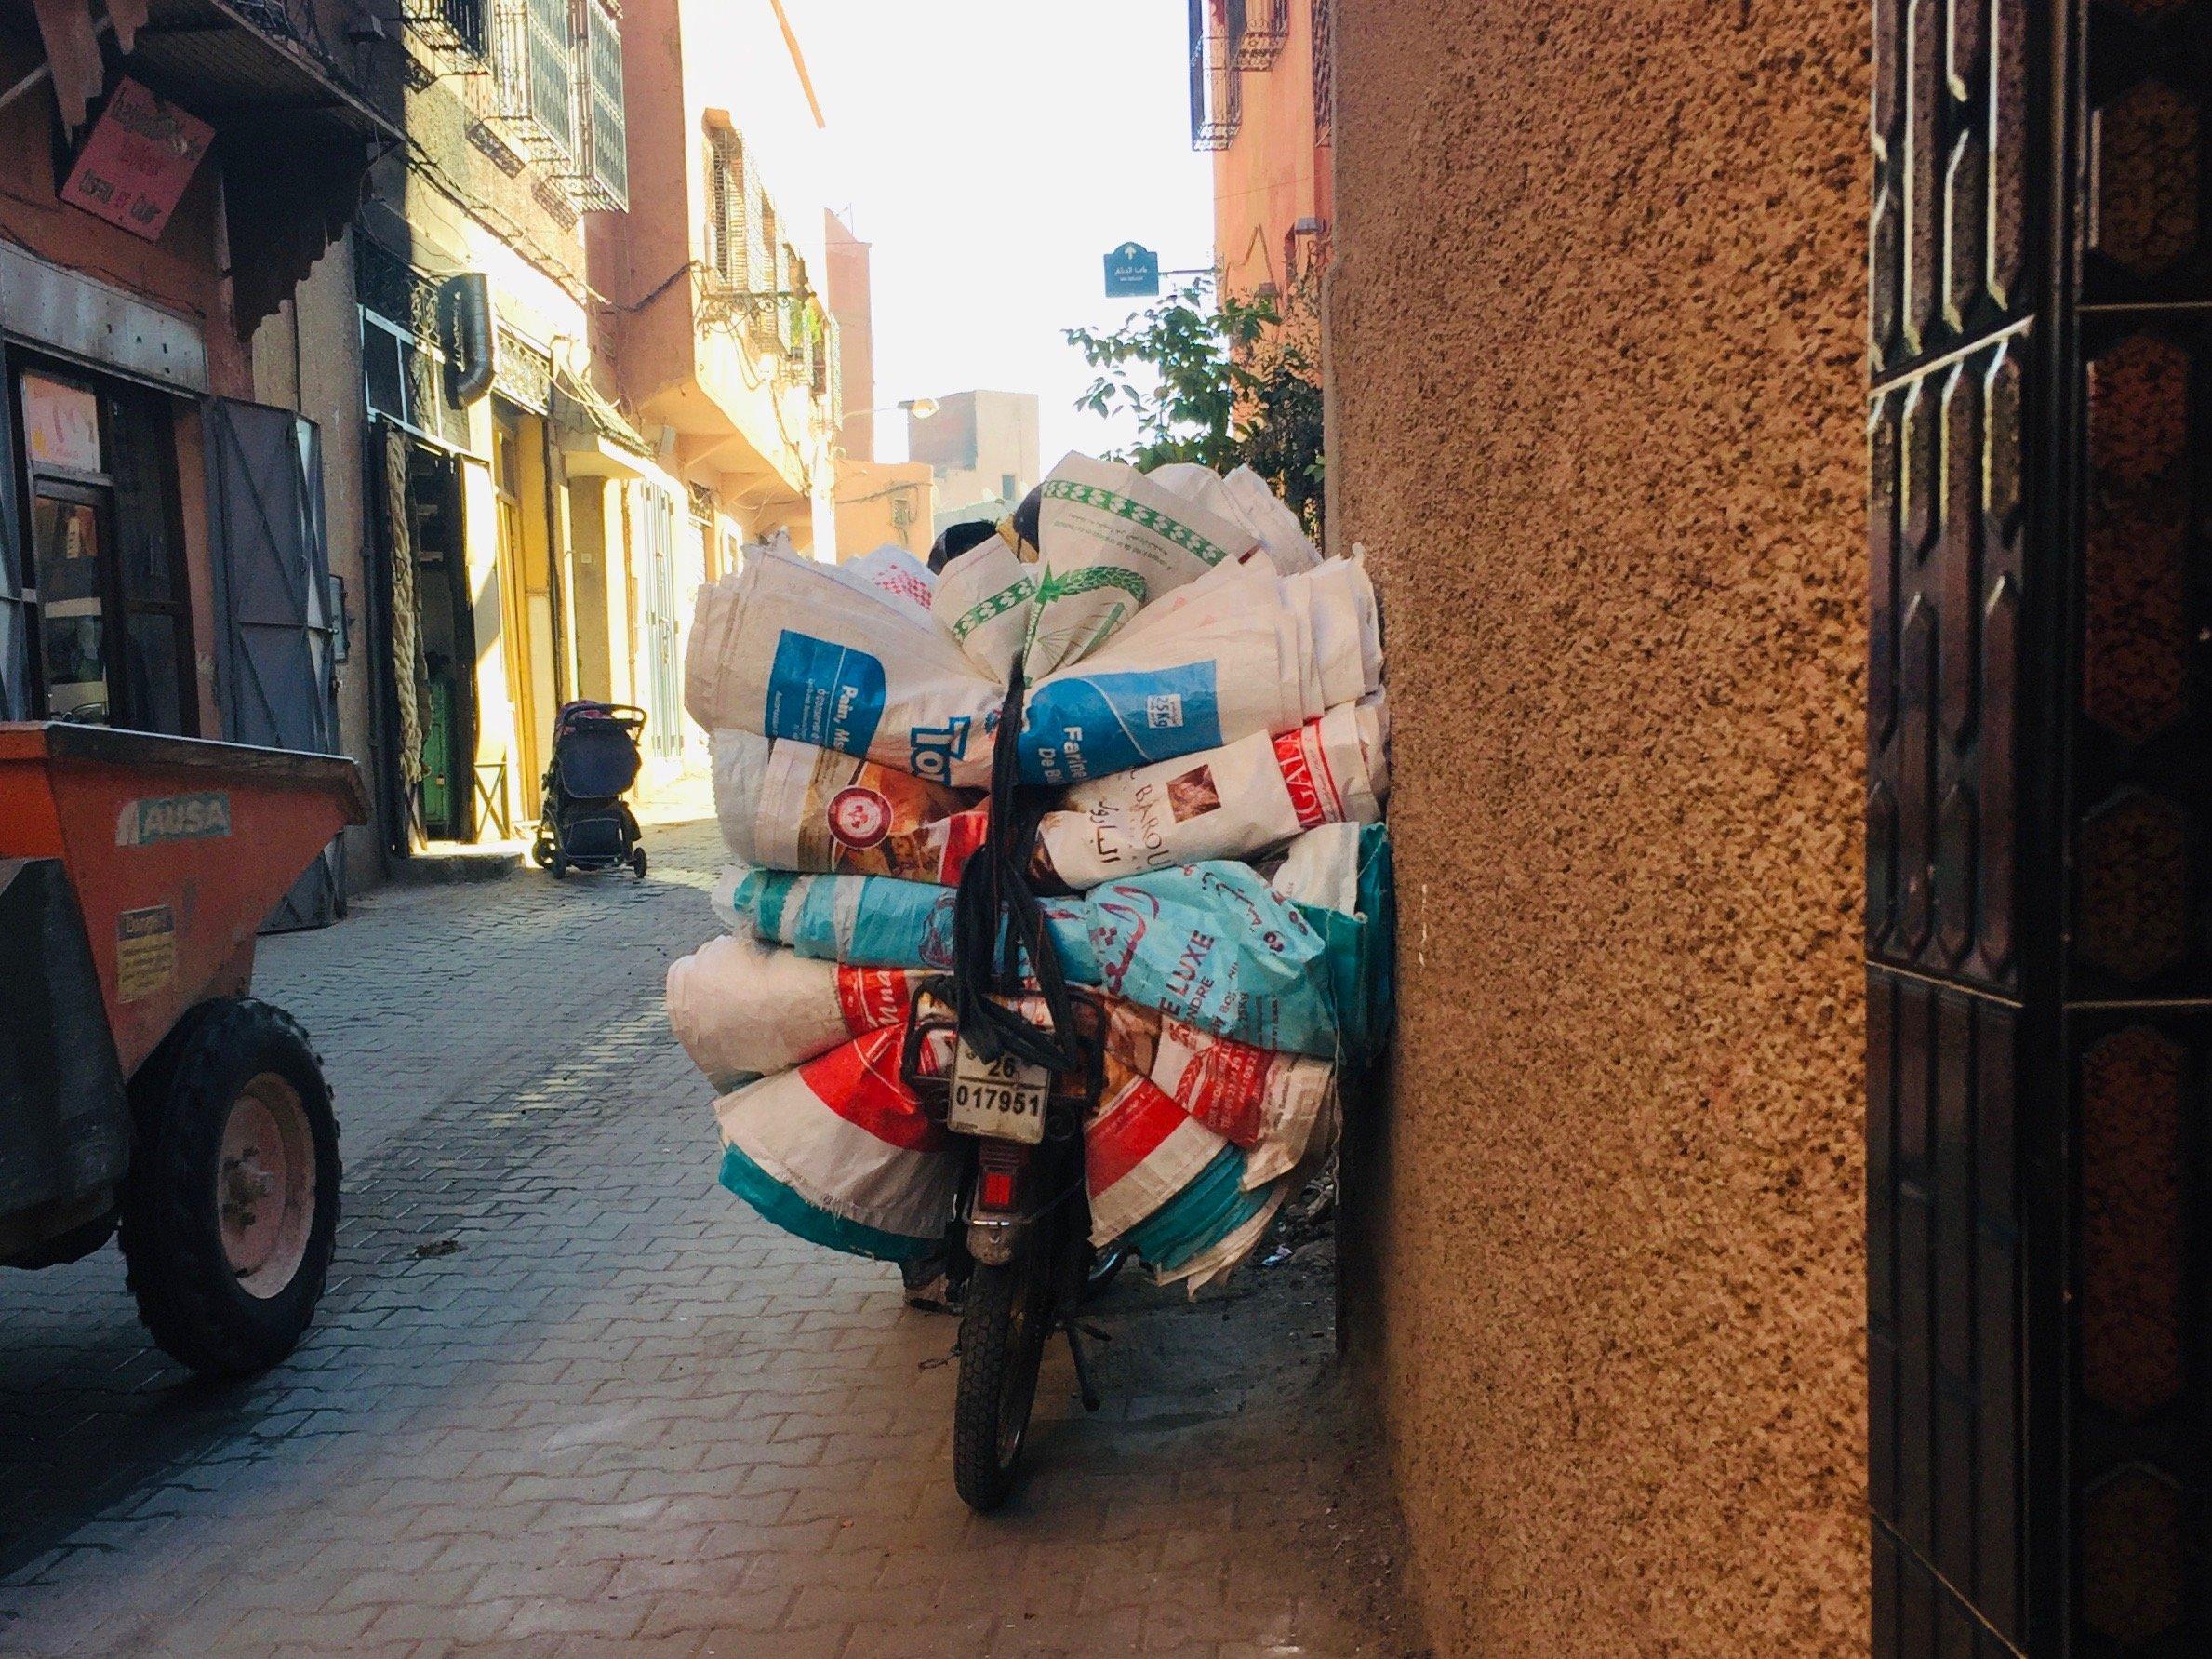 motorbike in Fes